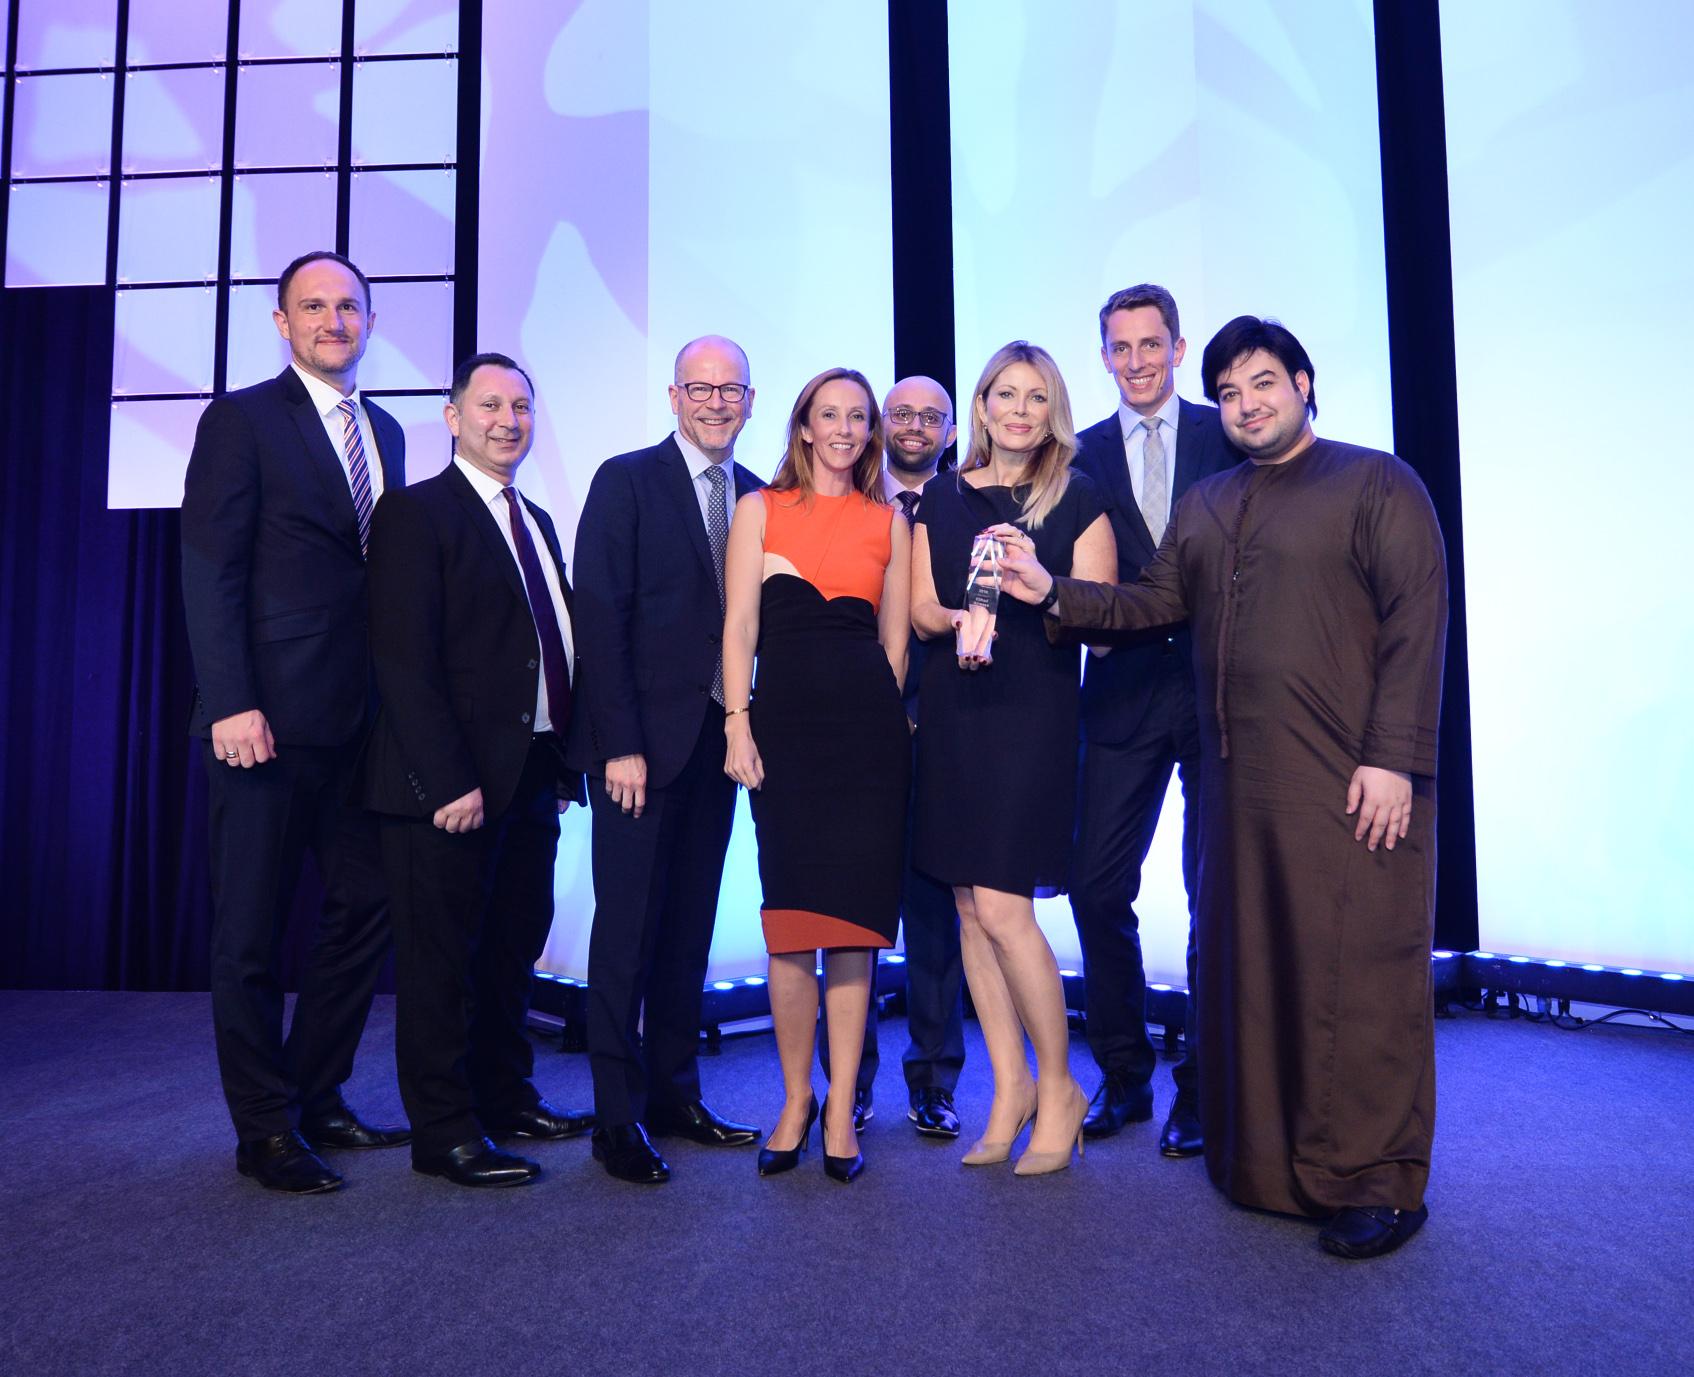 etihad-airways-team-accepts-best-original-video-award-2016